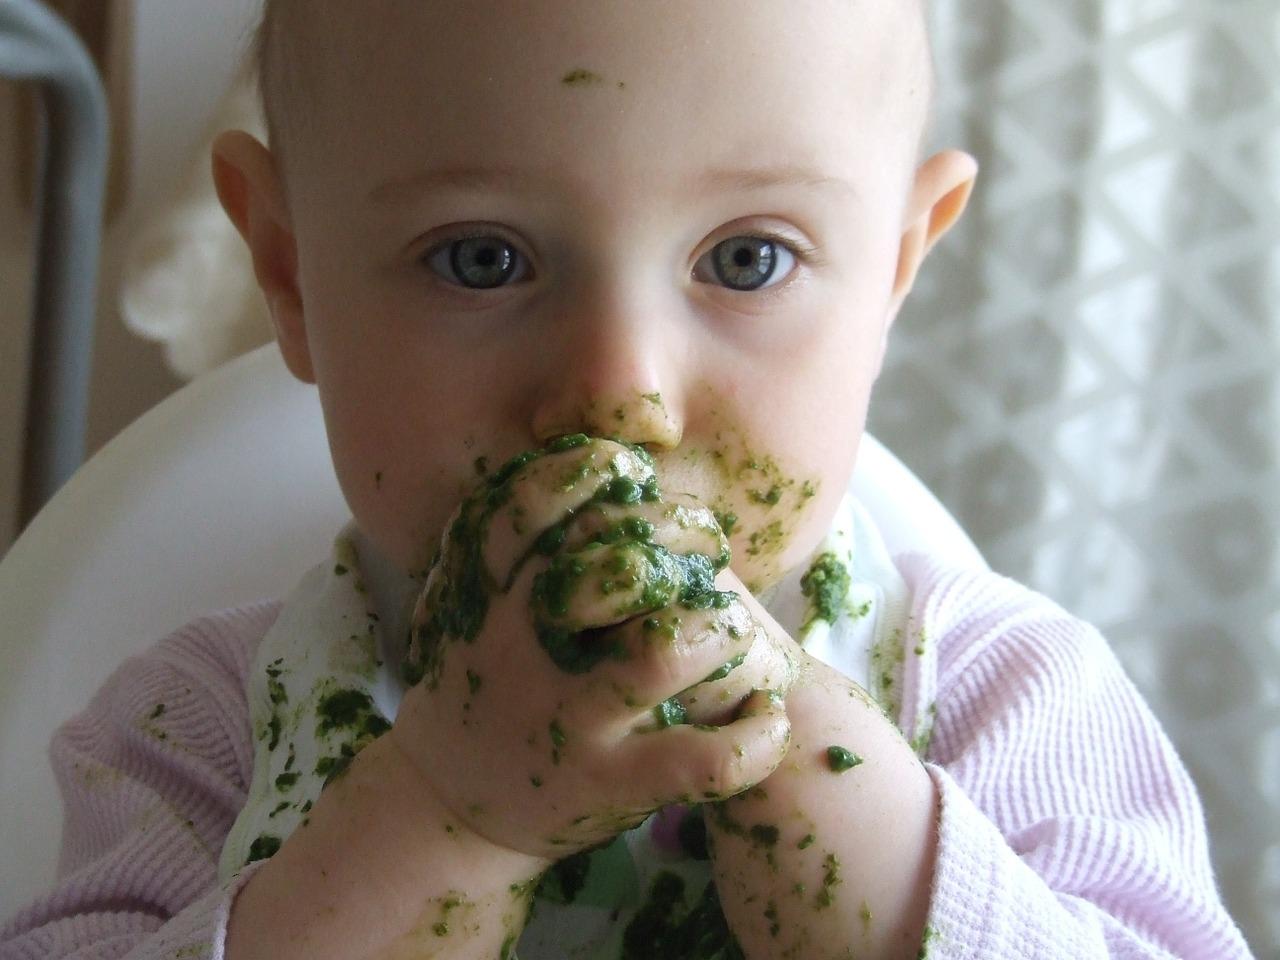 Come-Svezzare-un-Neonato-Cibi Come svezzare un neonato?